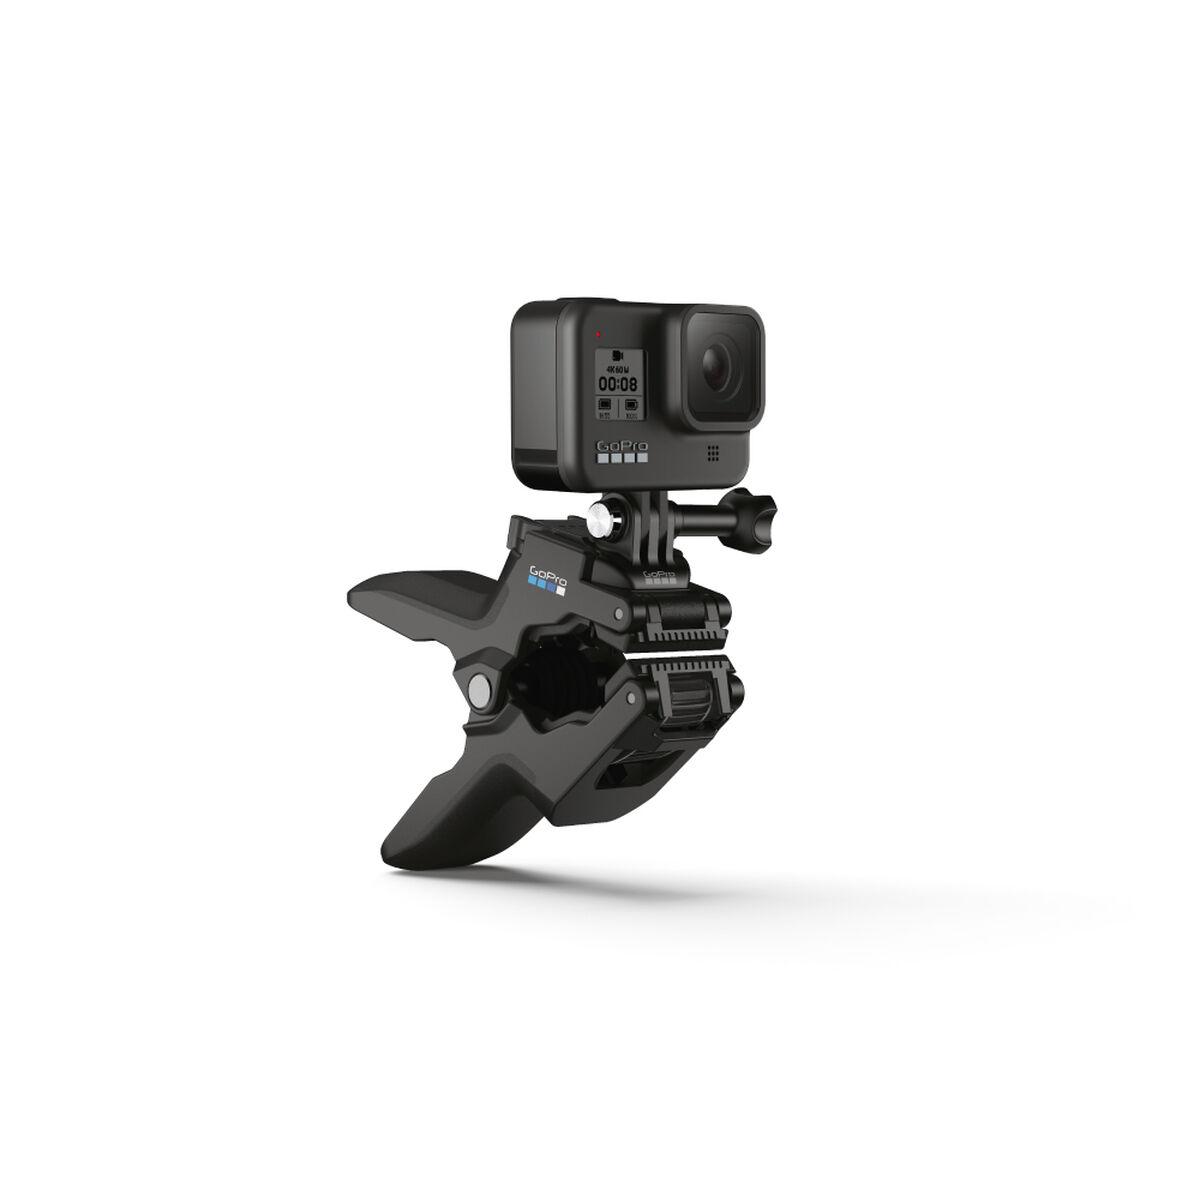 Cargador GoPro Supercharger internacional de doble puerto